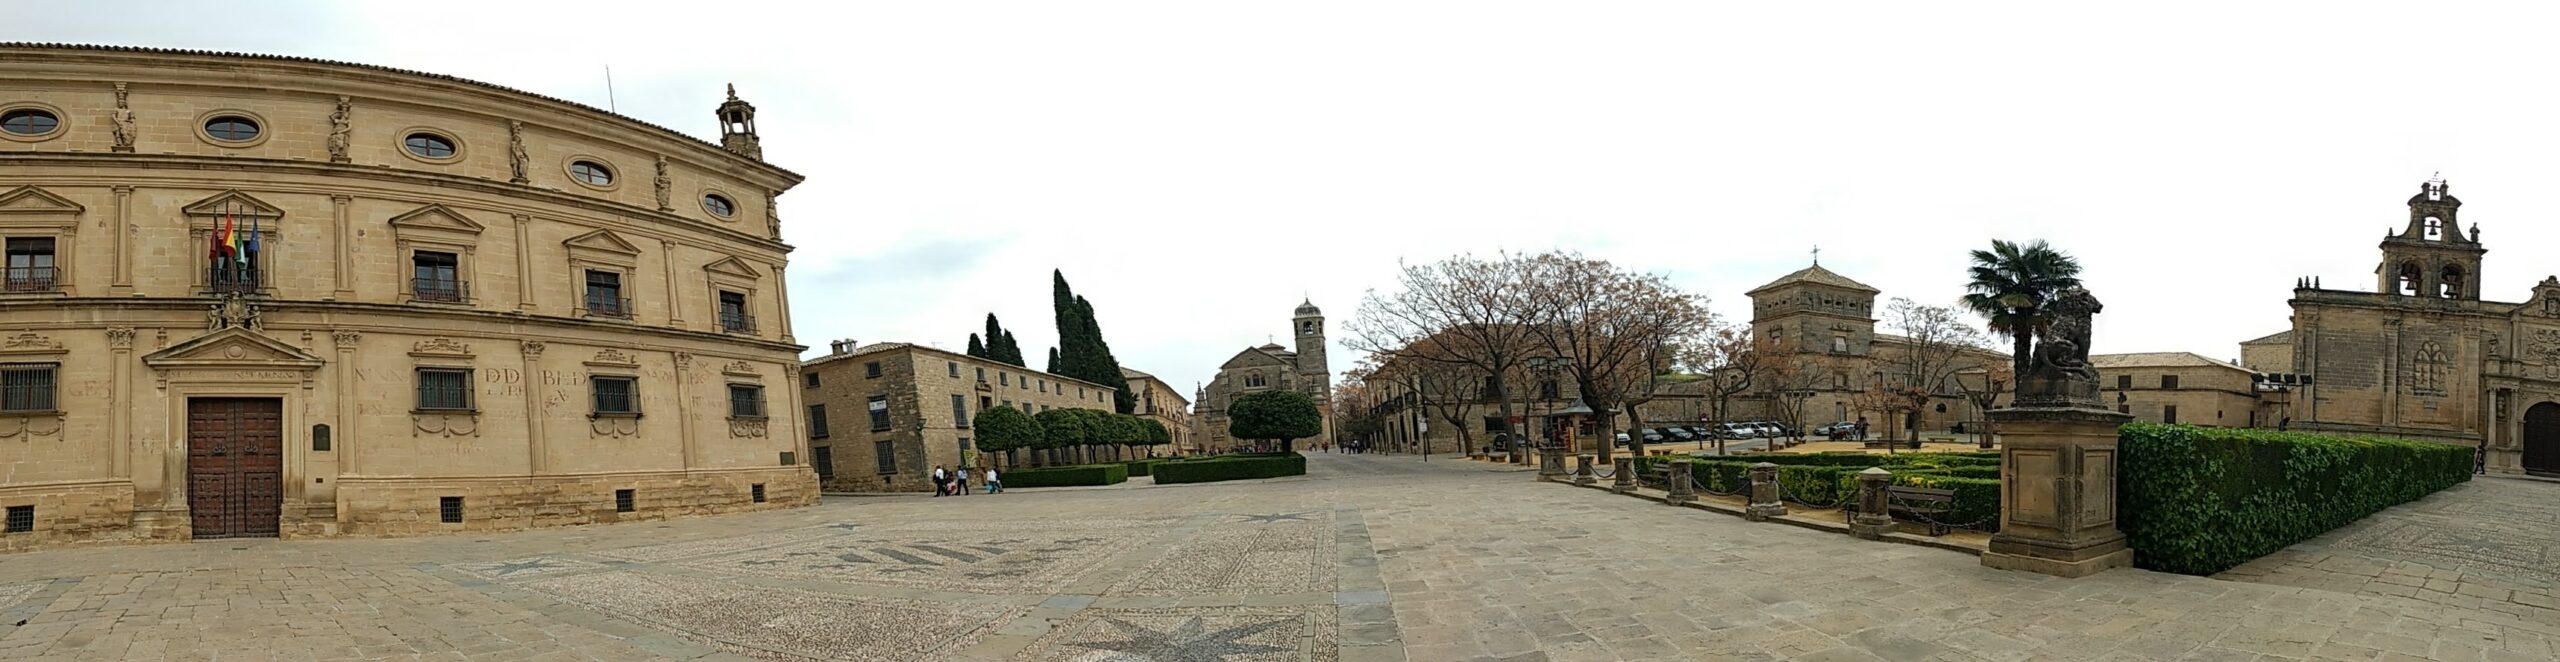 De middeleeuwse binnenstad van Ubeda